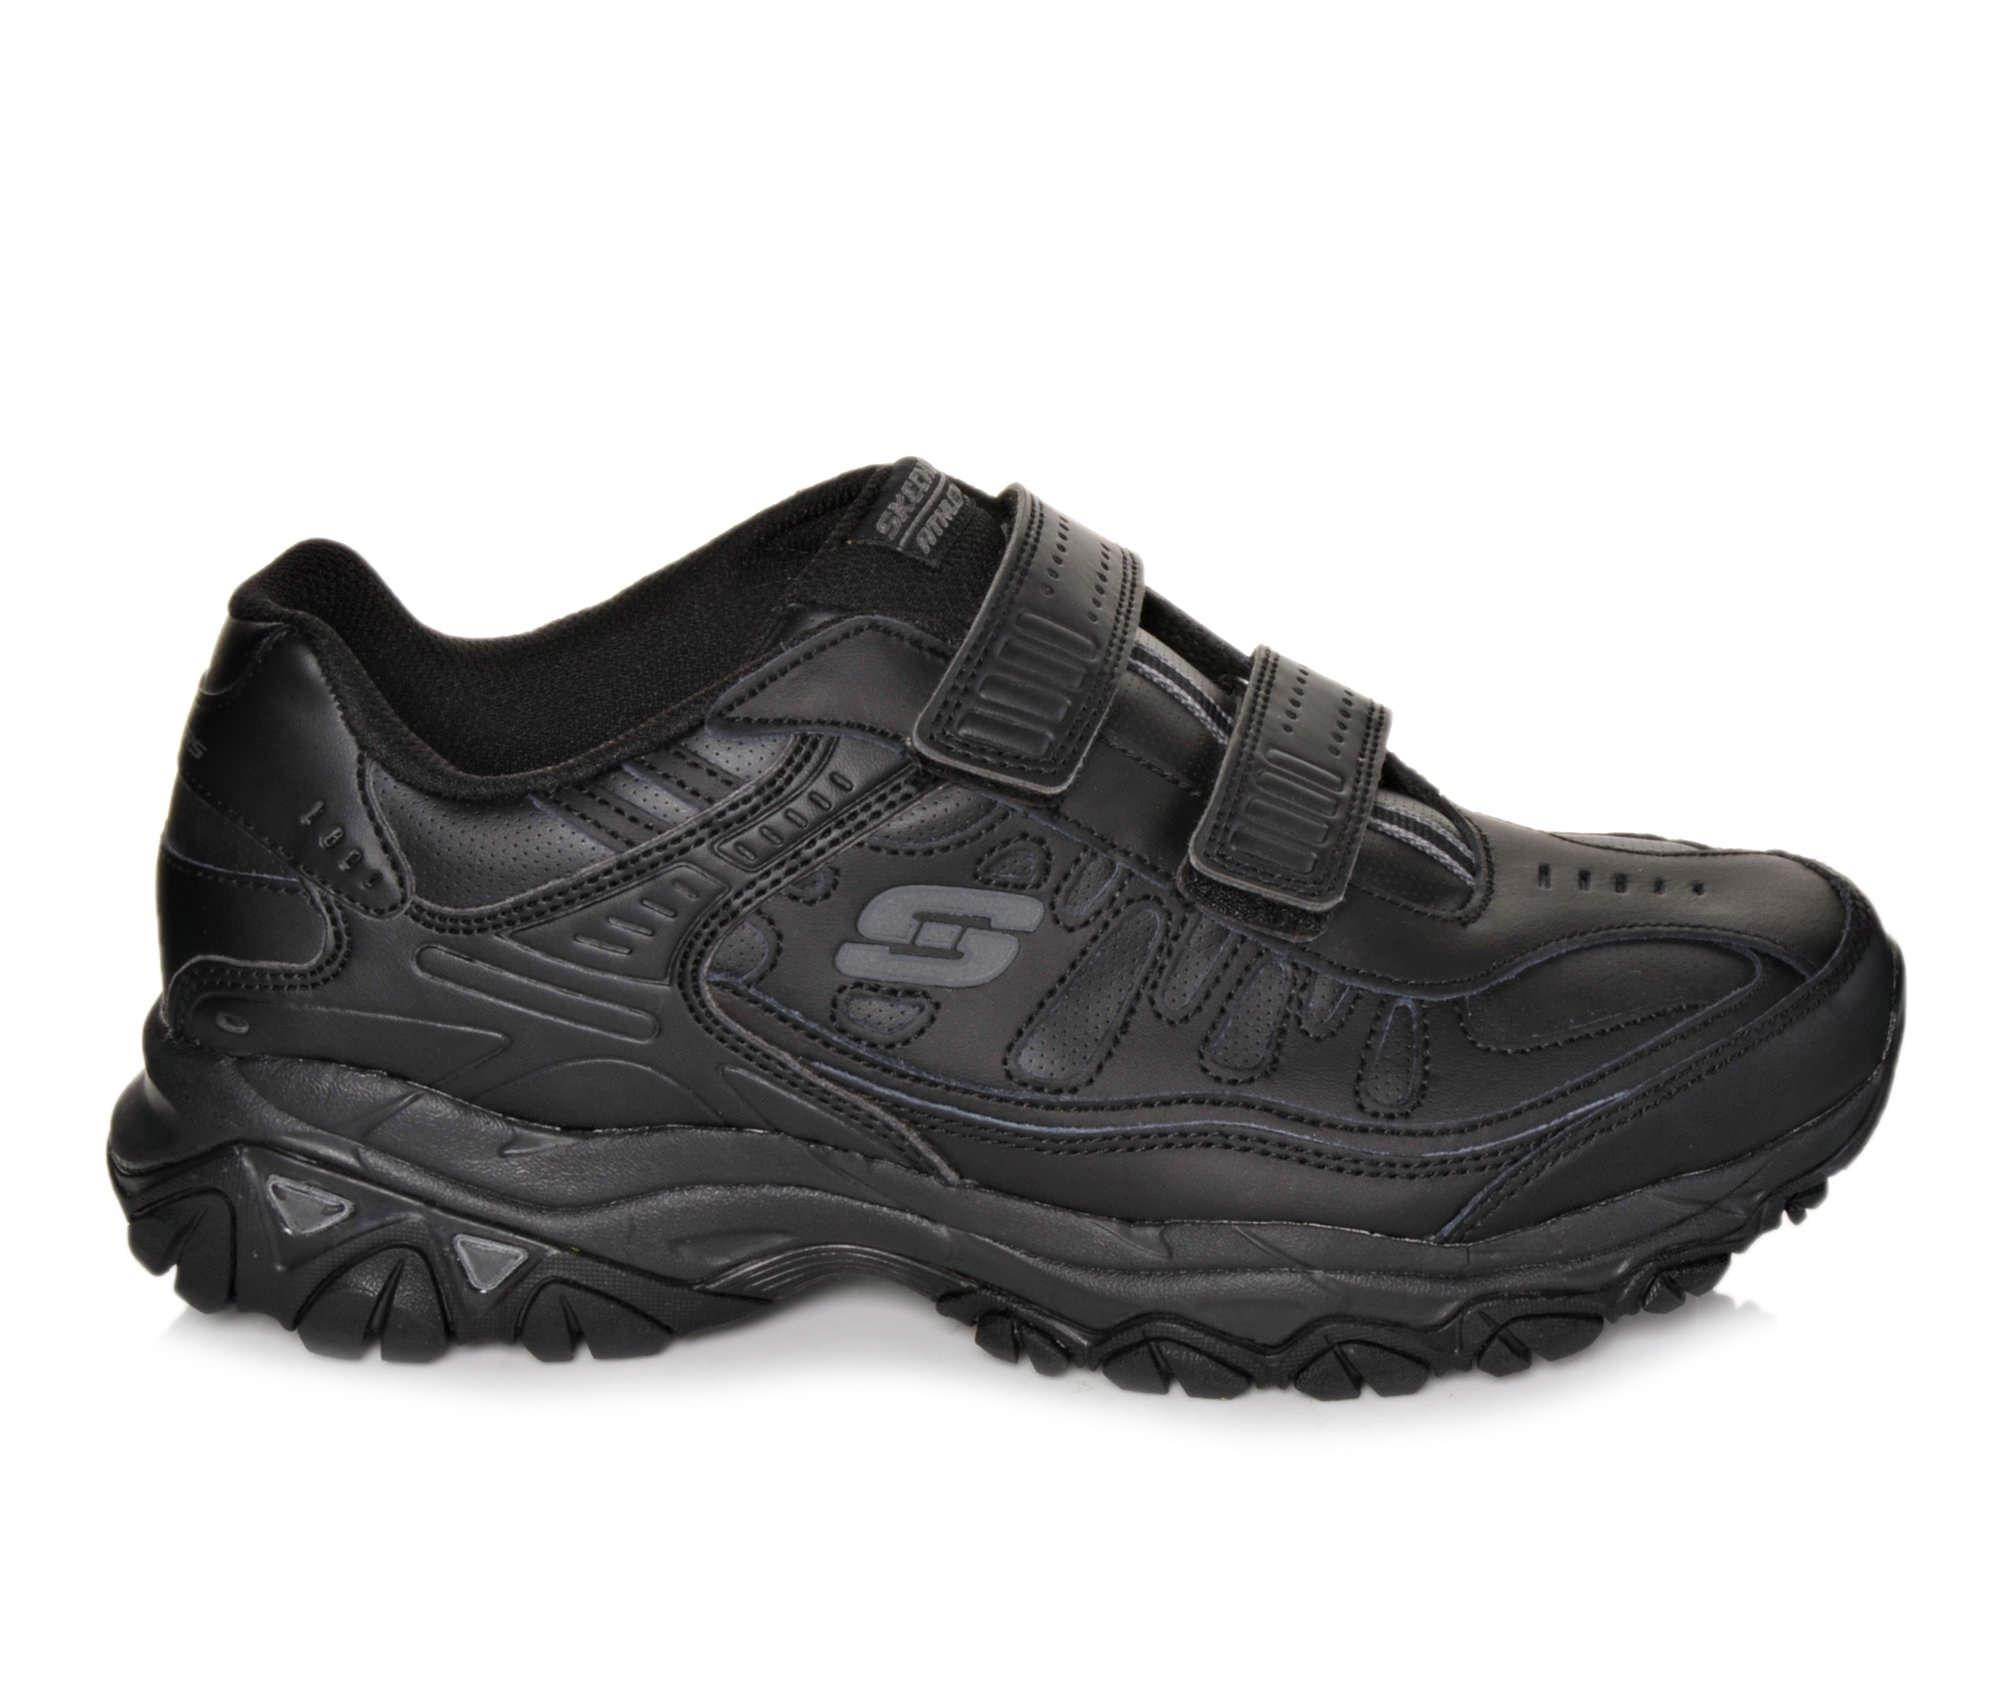 Men's Skechers Final Cut 50121 Walking Shoes Black/Black